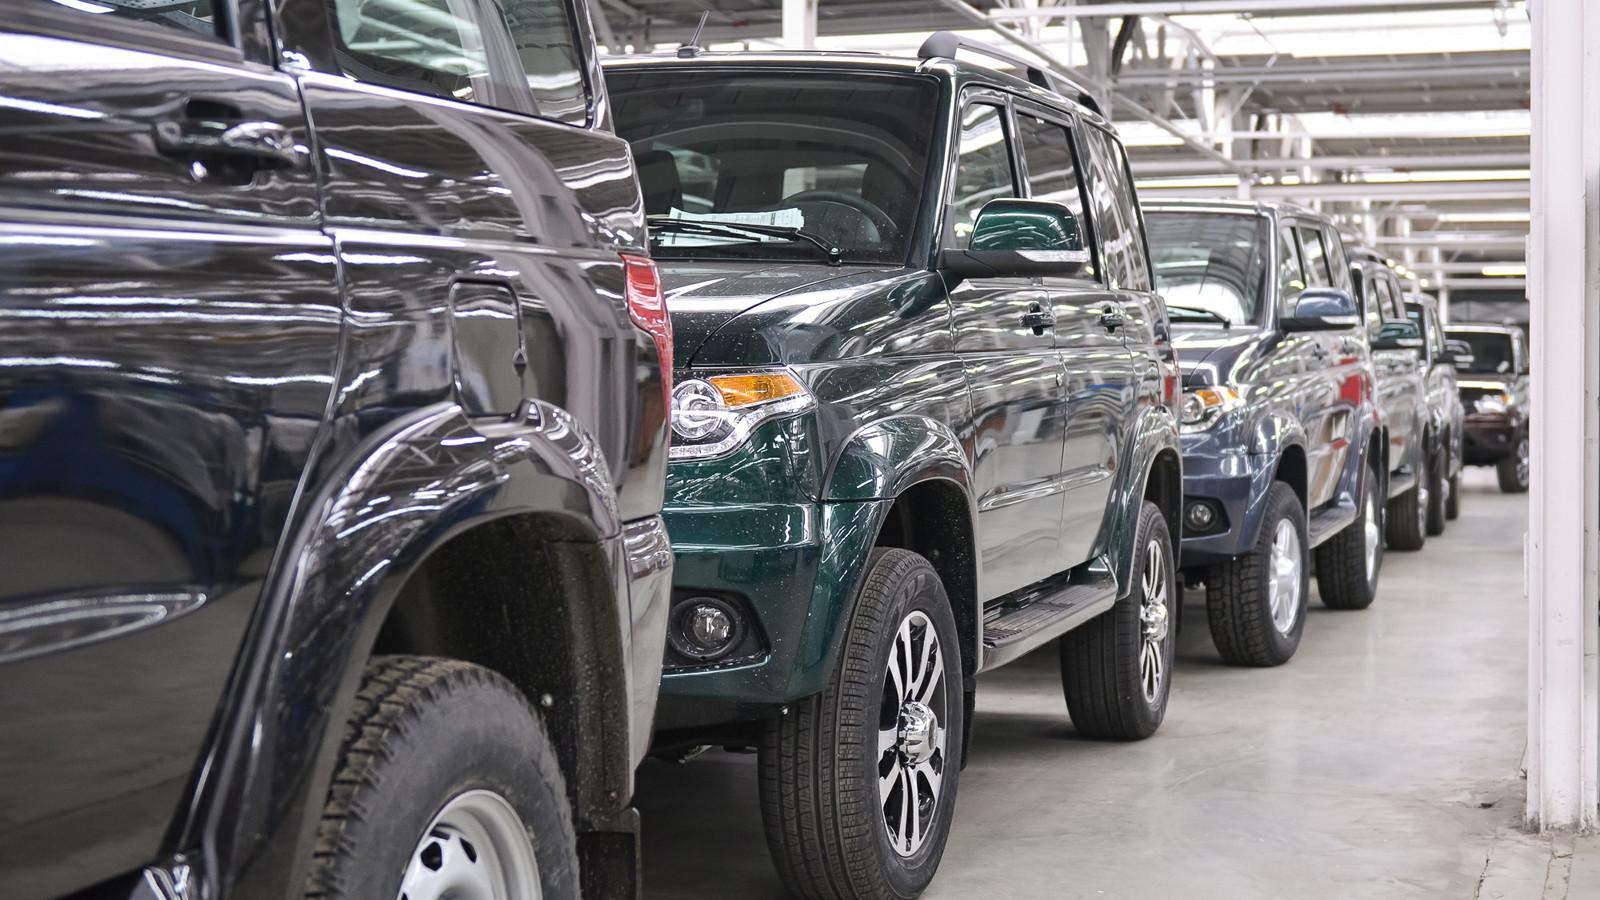 Кузова джипов «УАЗ» стали неменее устойчивы ккоррозии